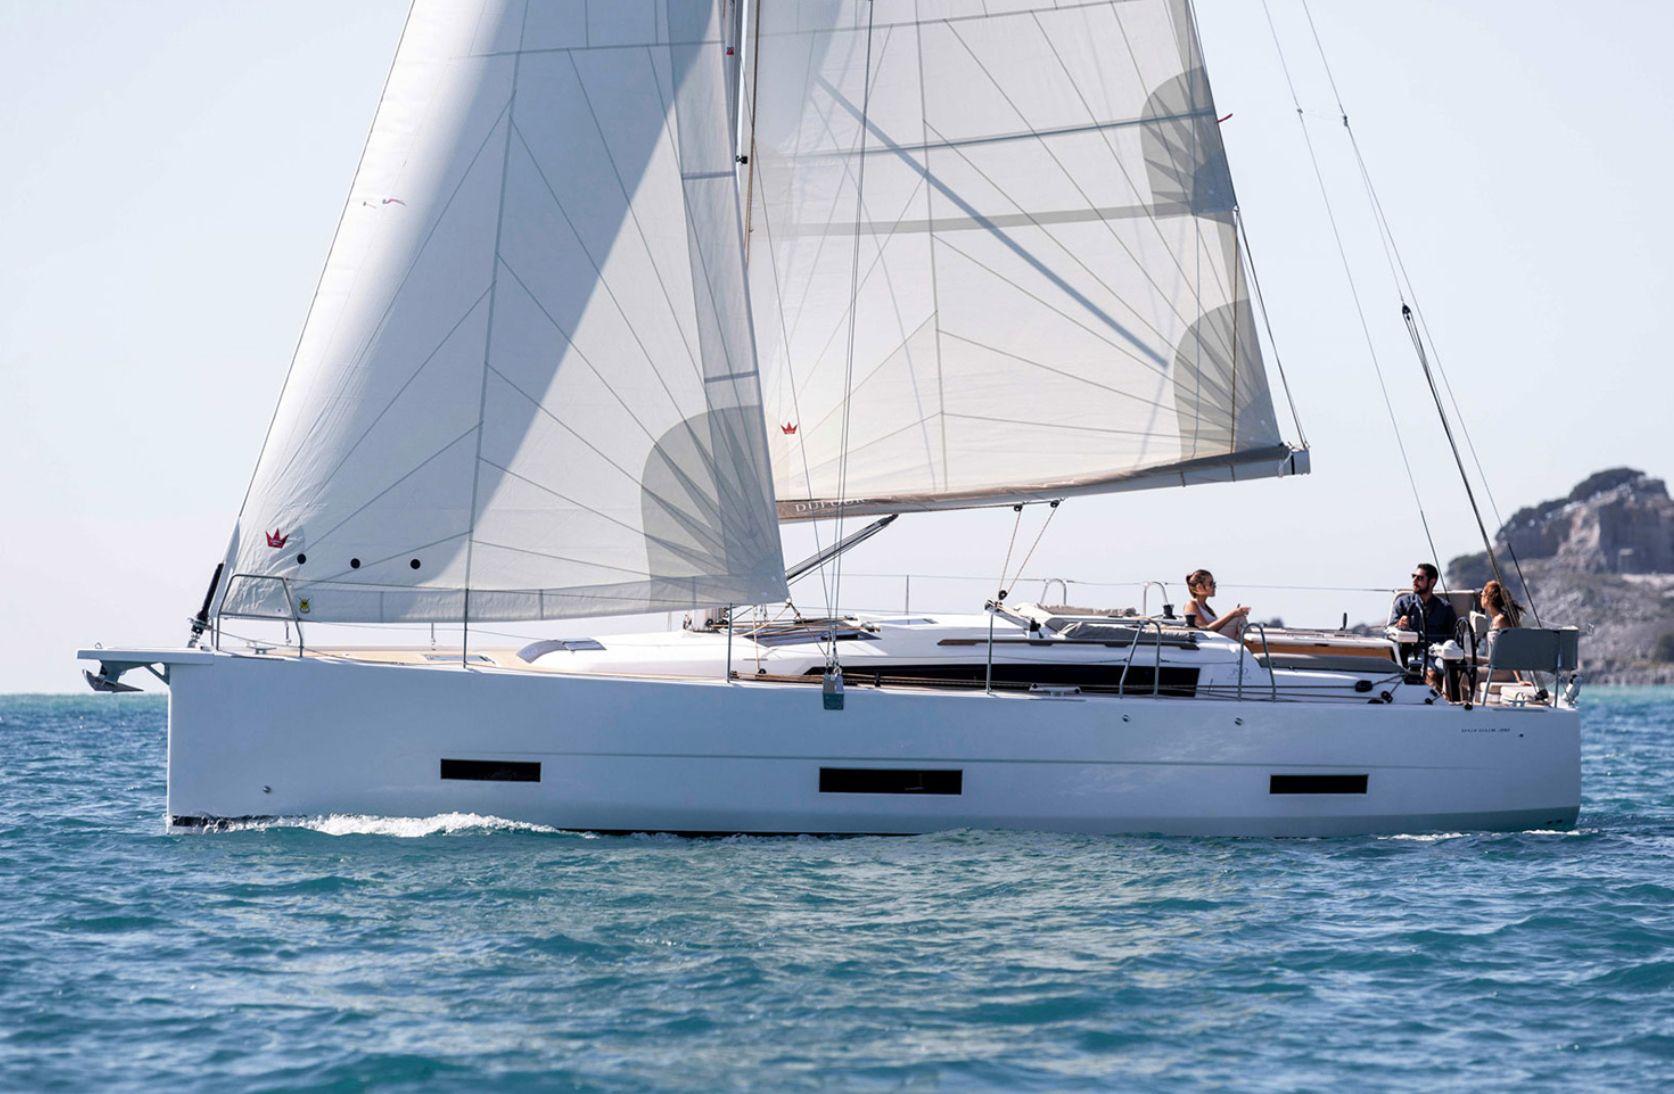 Dufour 390 Grand Large - 3 Cabins - 2019 - Naxos - Lefkada - Corfu